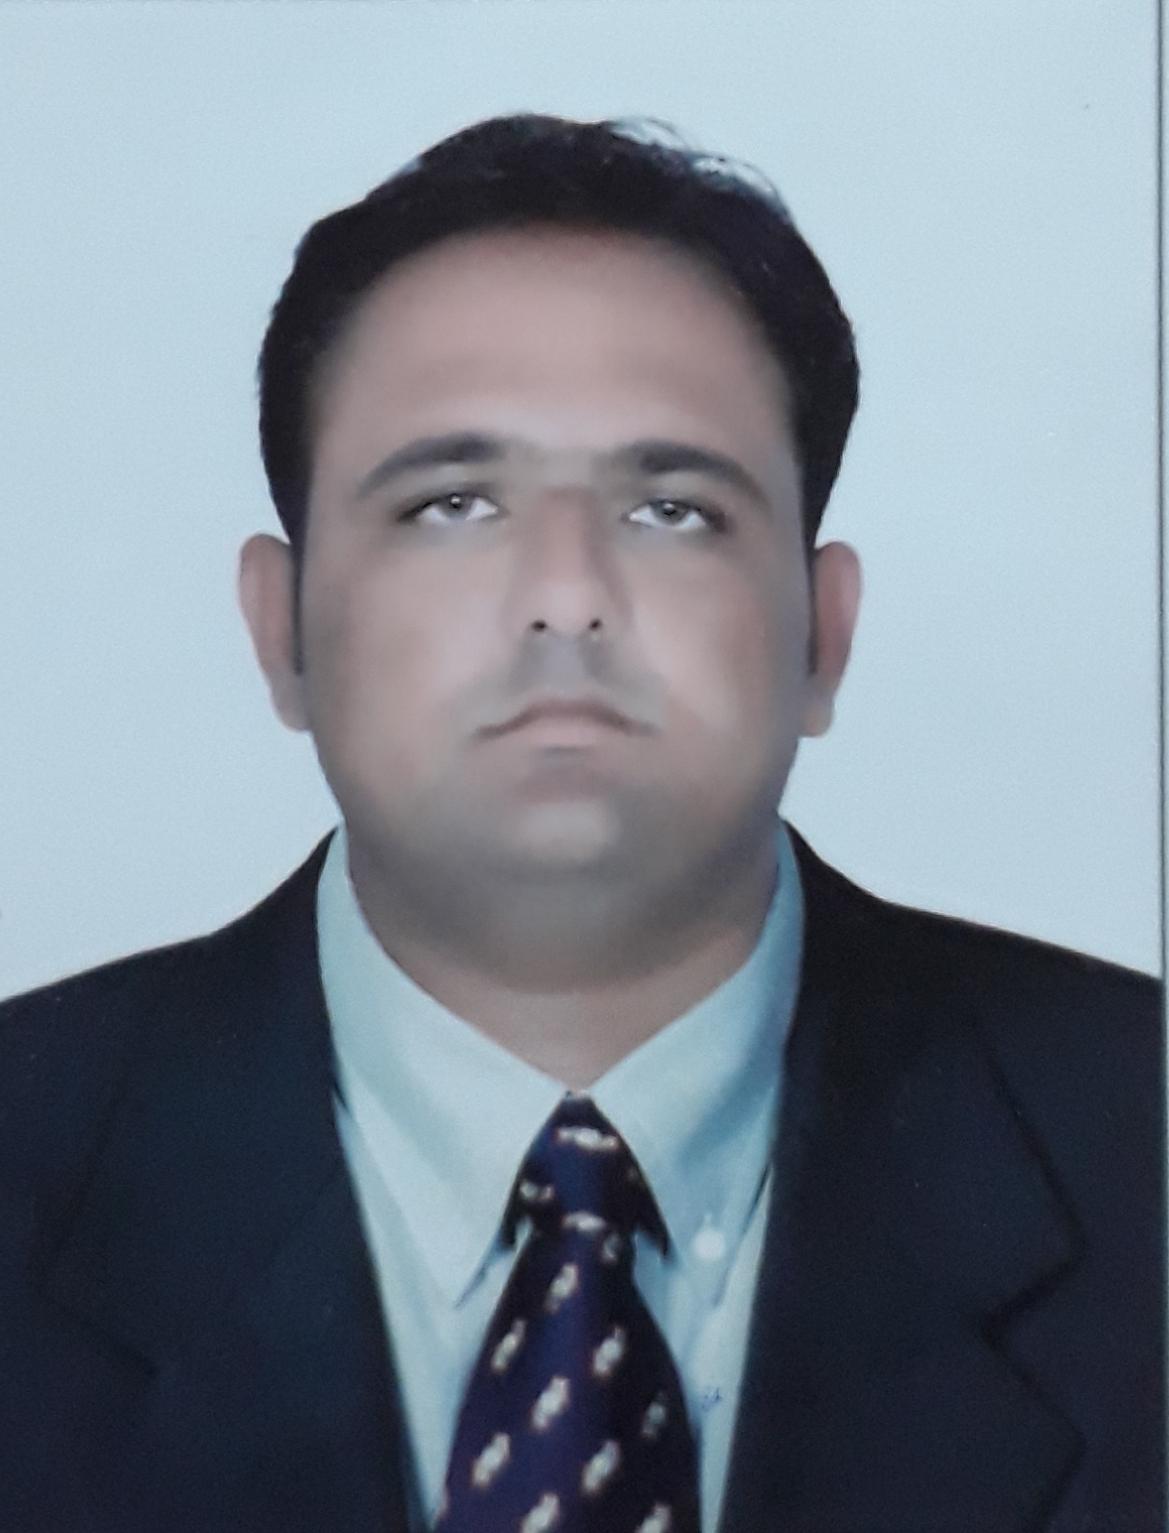 Mr. Bhautik B Patel